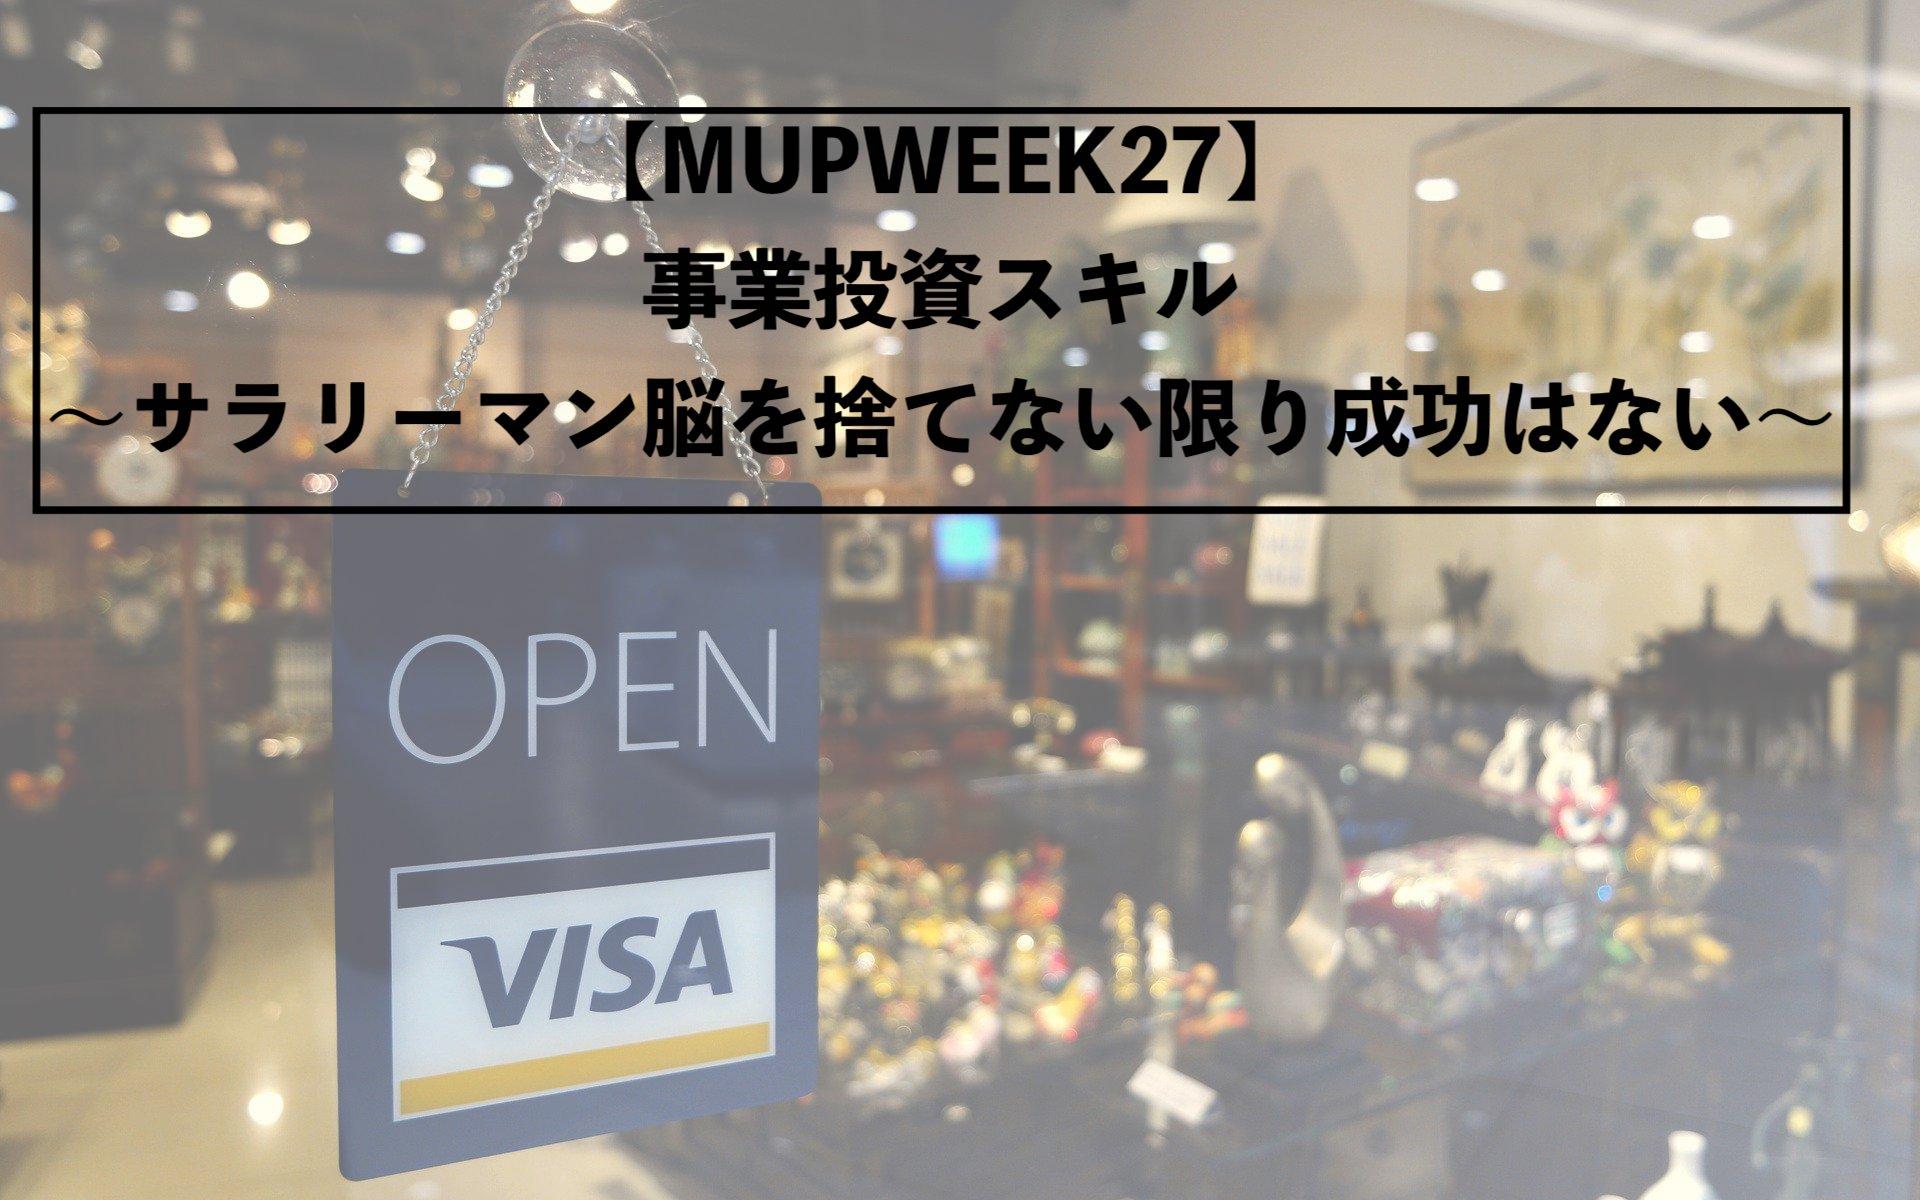 MUPWEEK27